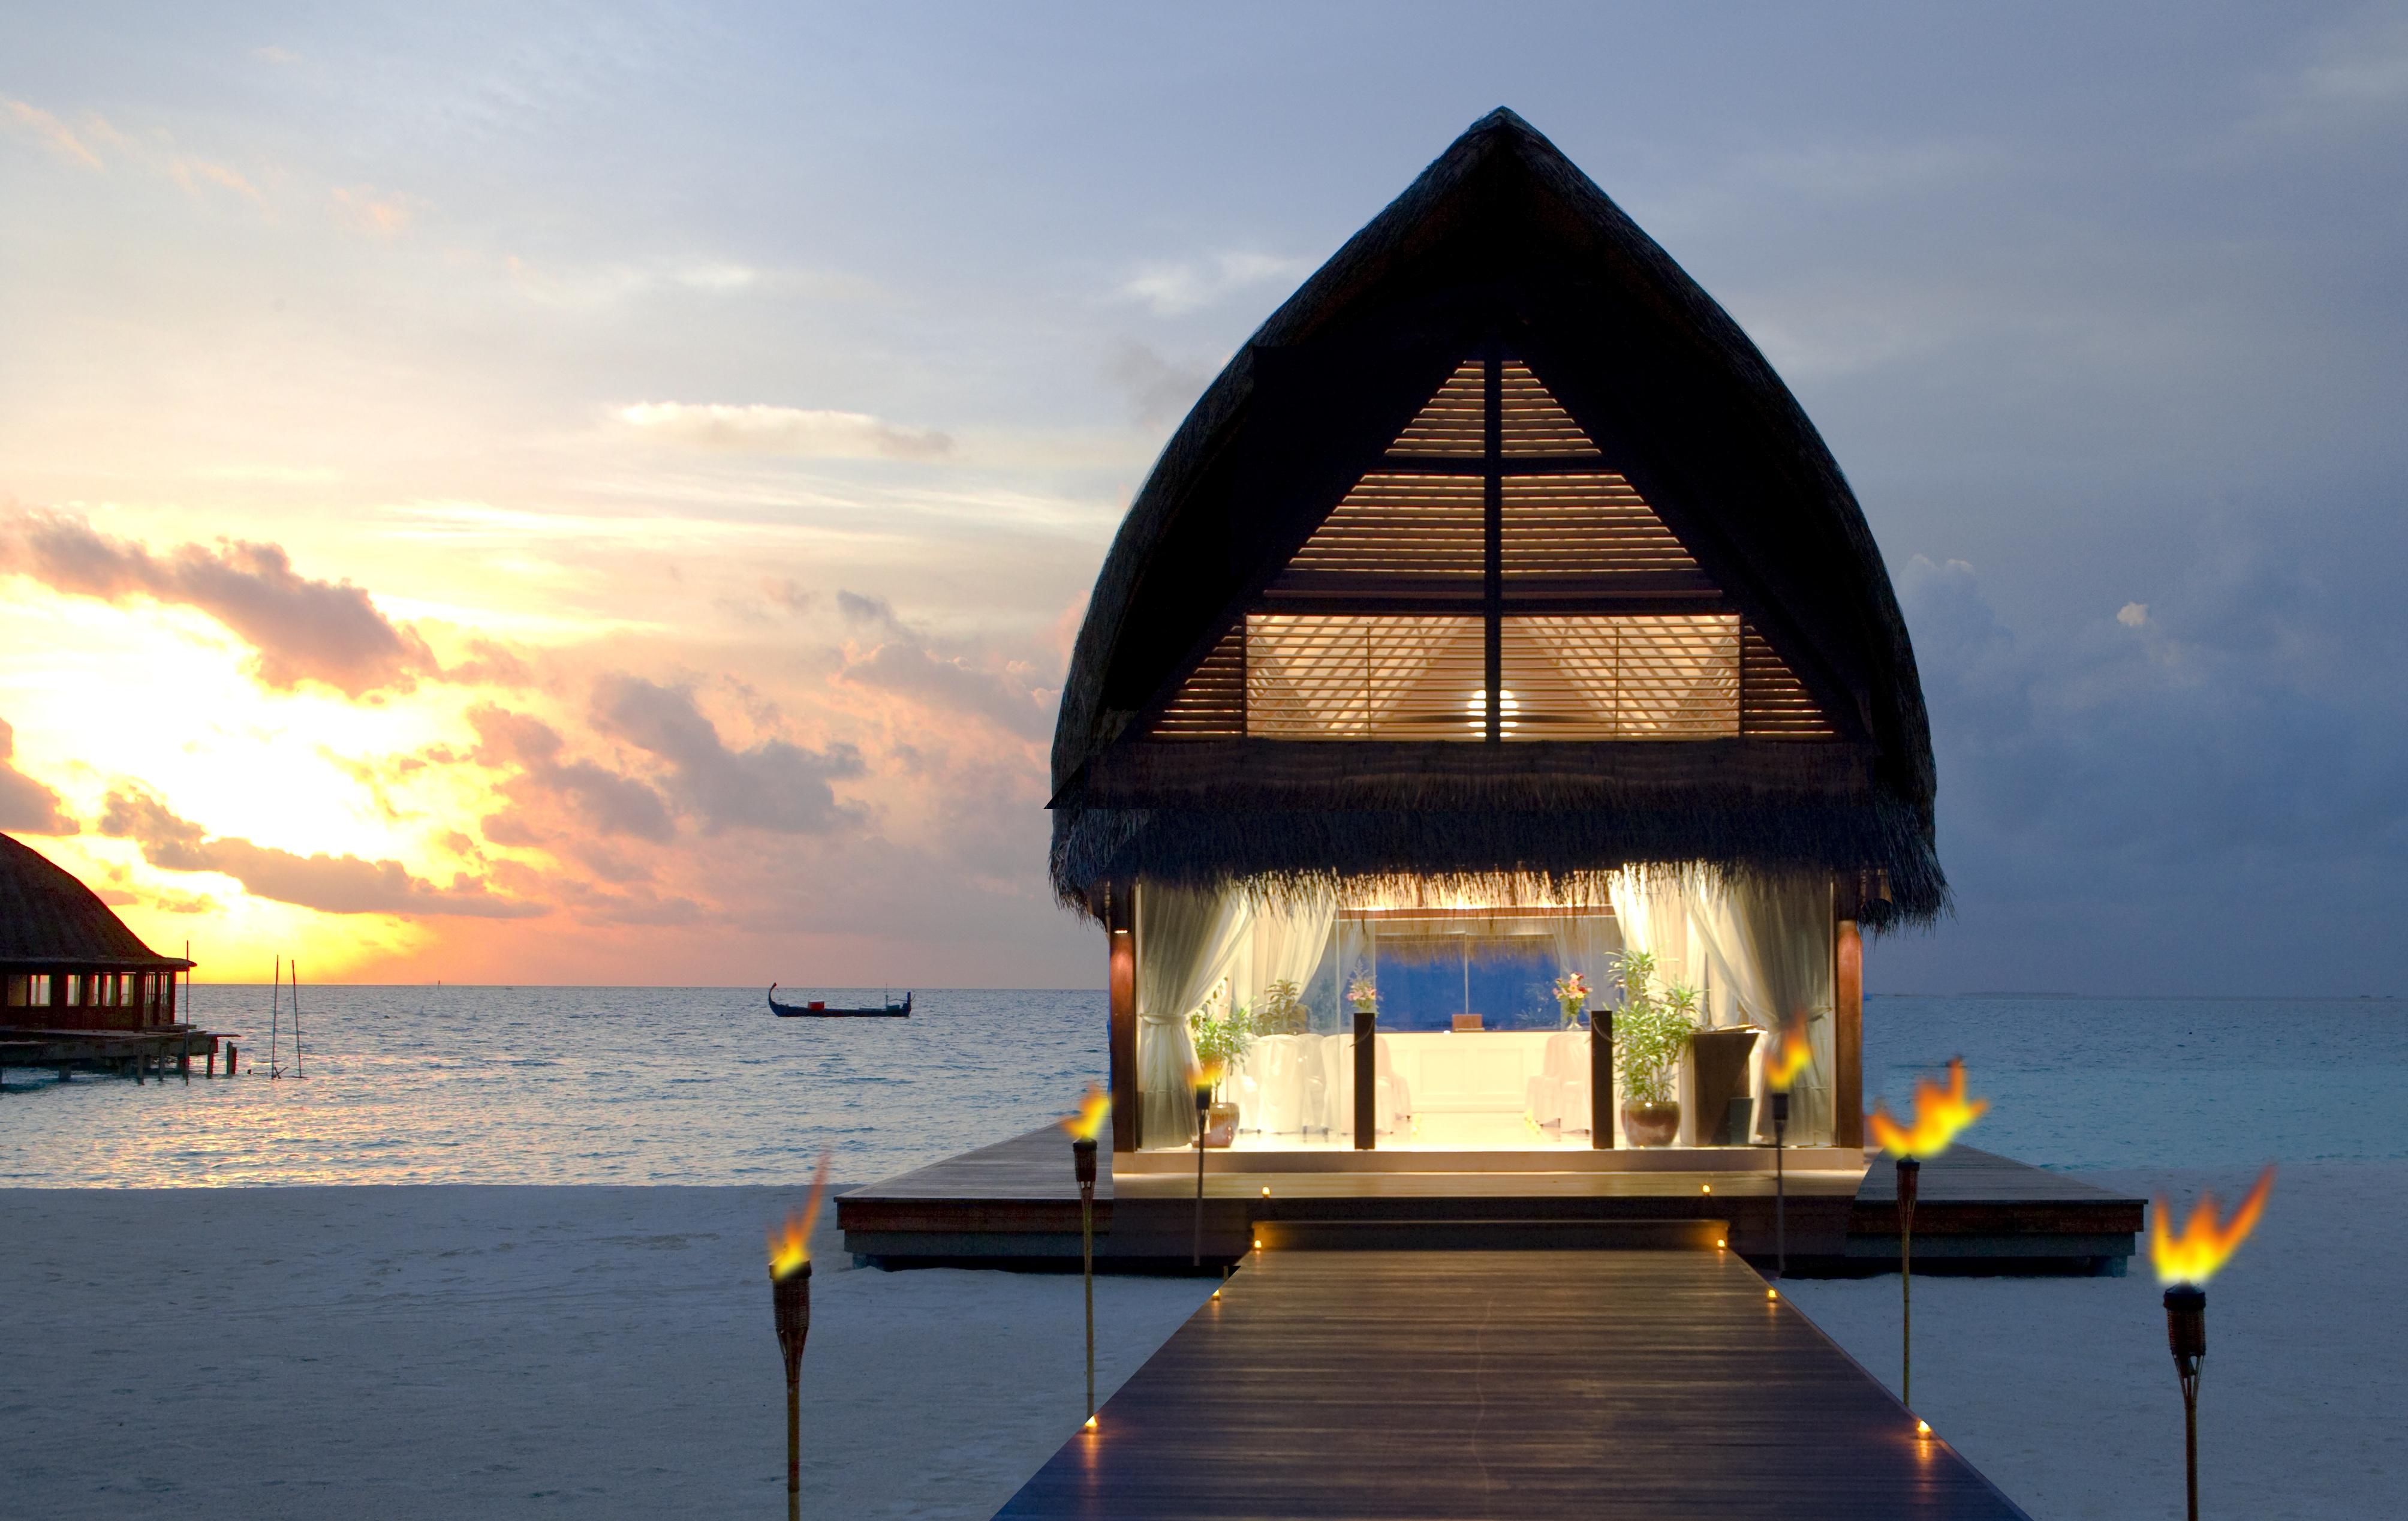 145994 скачать обои Природа, Мальдивы, Пляж, Тропики, Море, Песок, Бунгало - заставки и картинки бесплатно